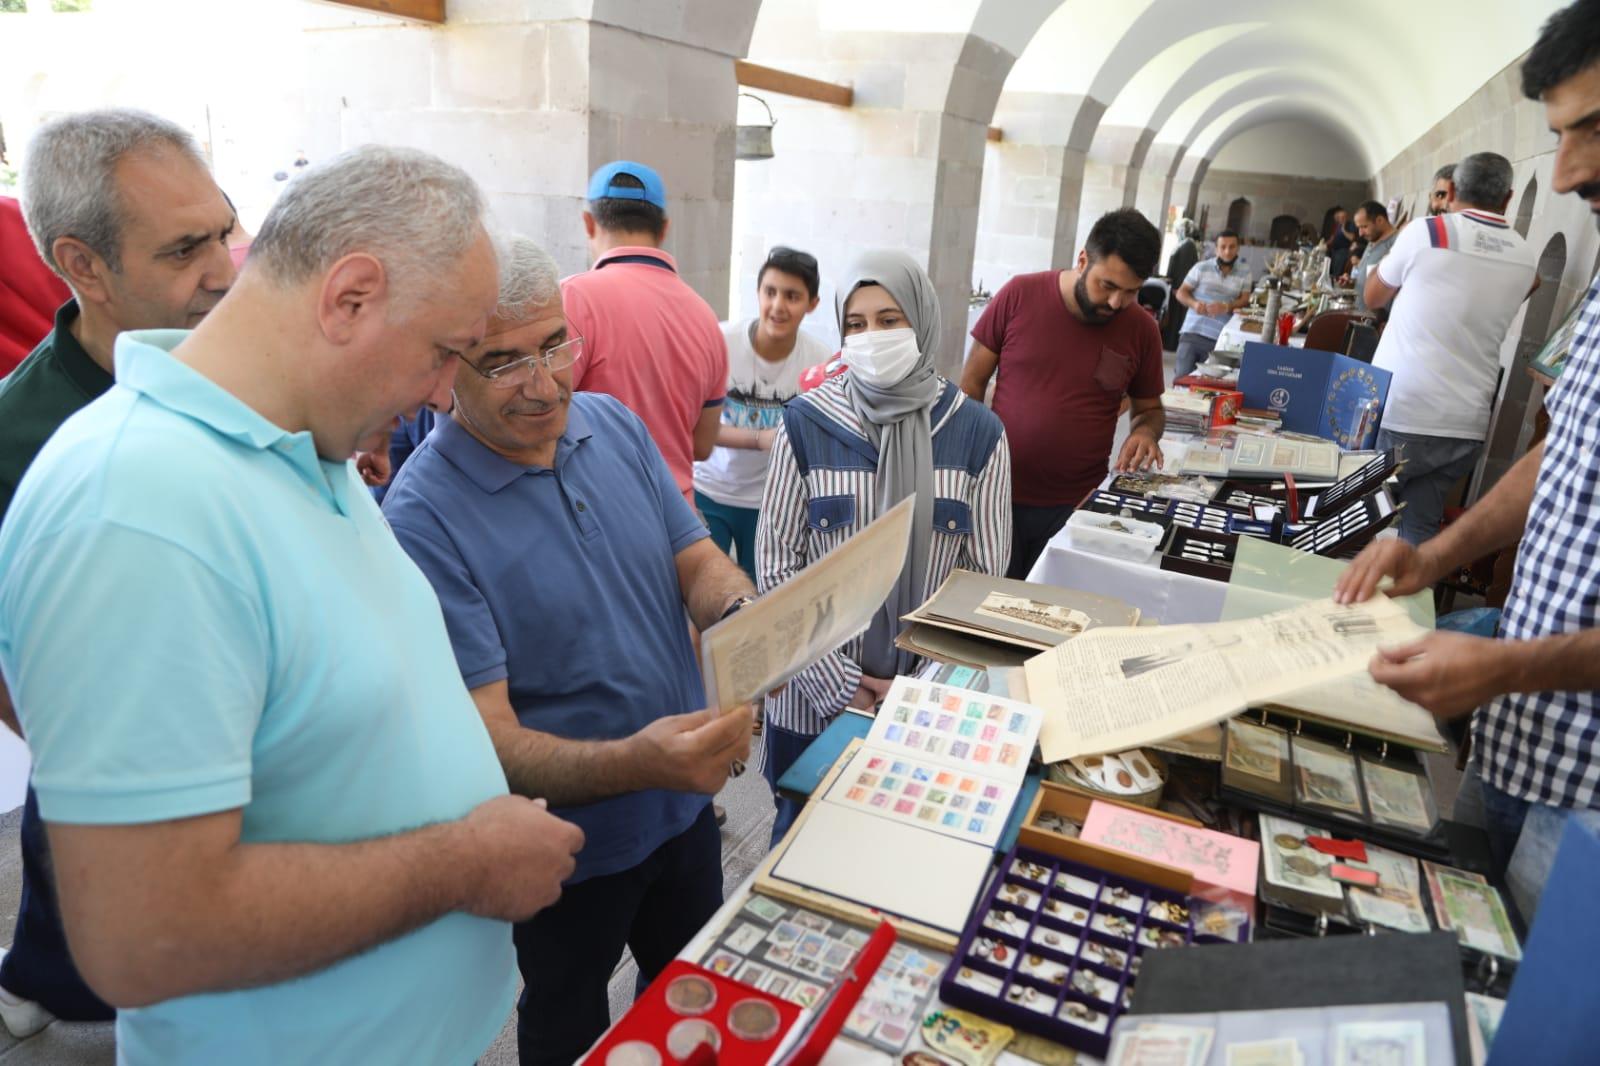 Malatya'da ilk antika pazarı kervansaray'da açıldı!